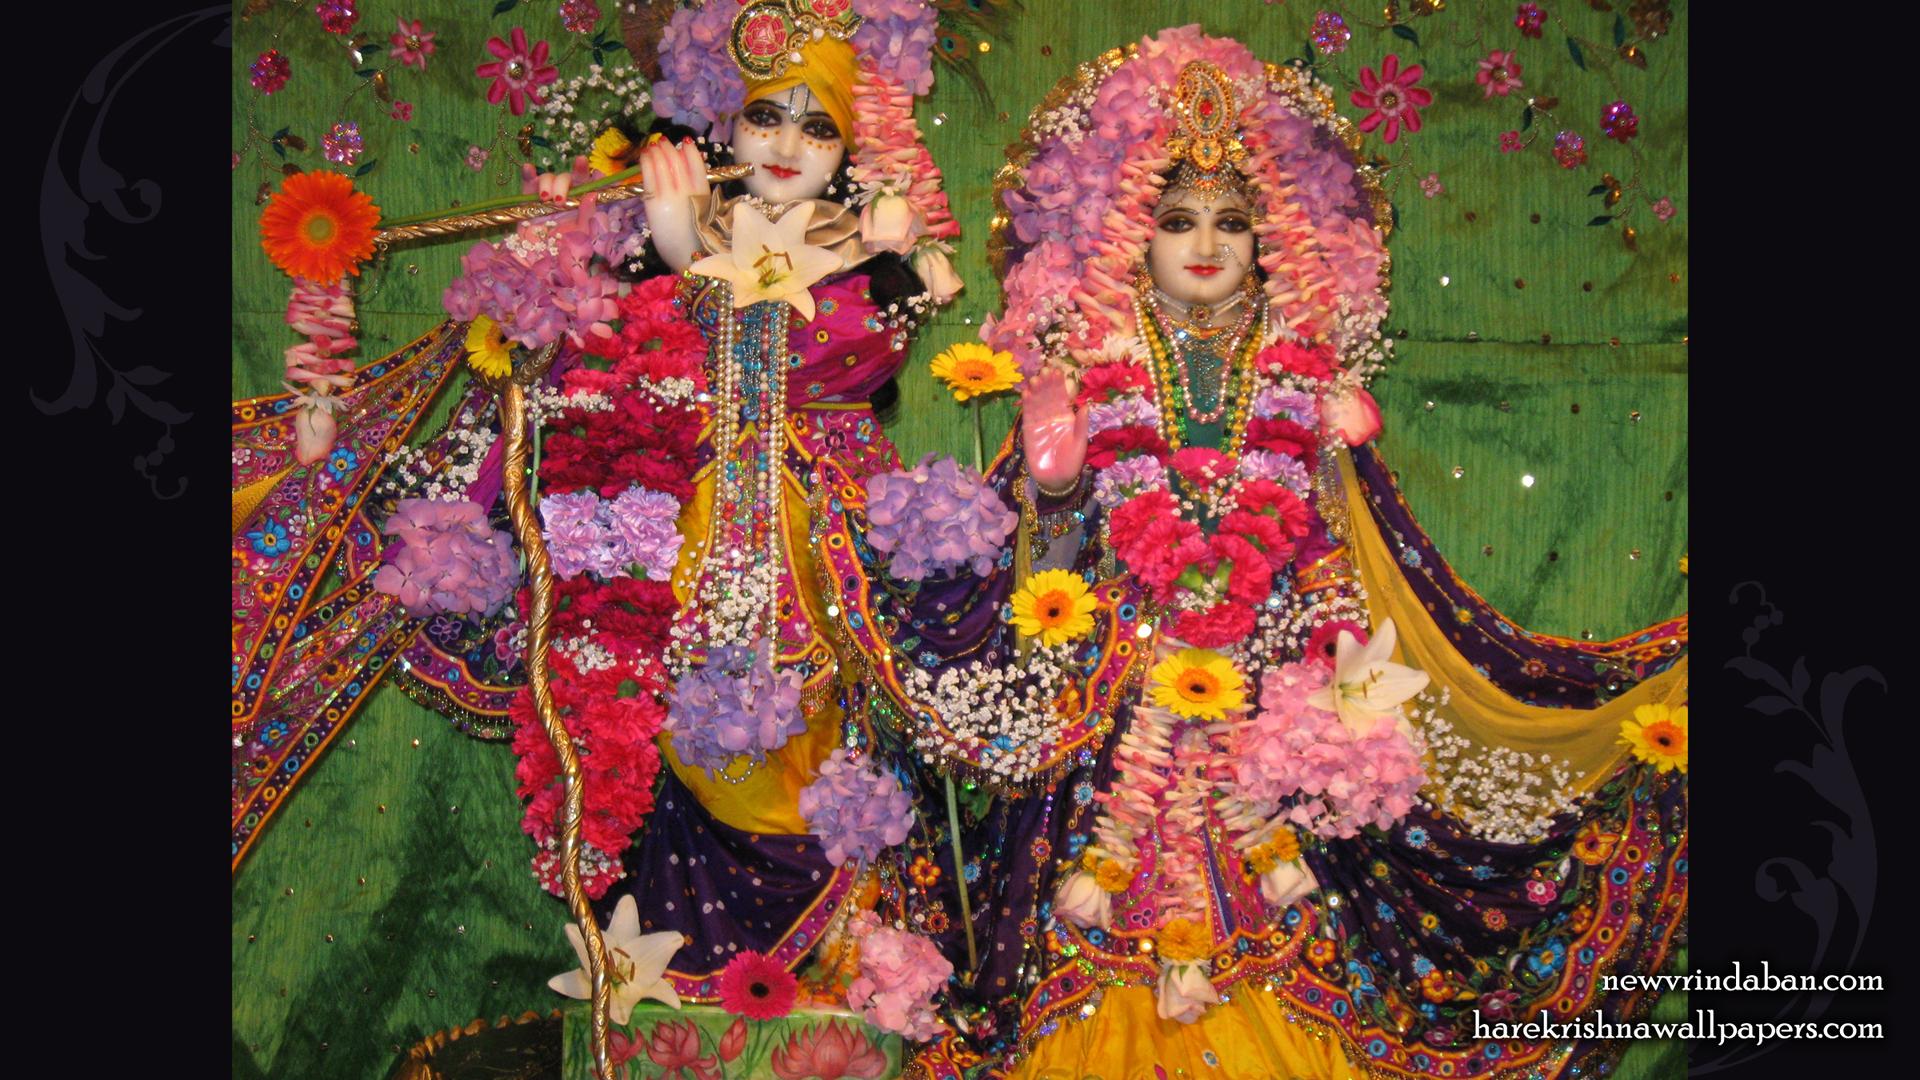 Sri Sri Radha Vrindavana Chandra Wallpaper (004) Size 1920x1080 Download